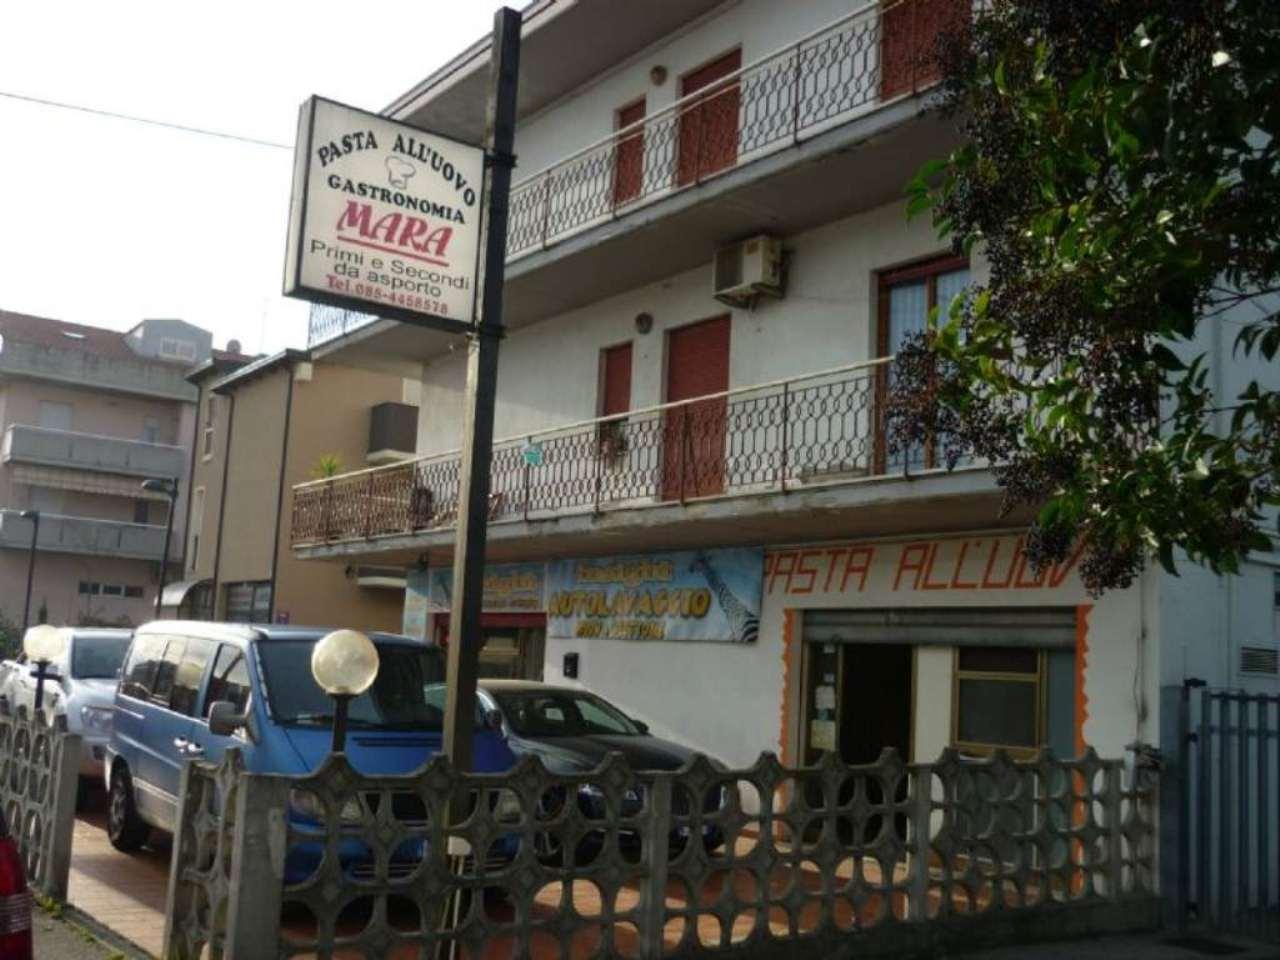 Negozio / Locale in affitto a Montesilvano, 2 locali, prezzo € 600 | CambioCasa.it